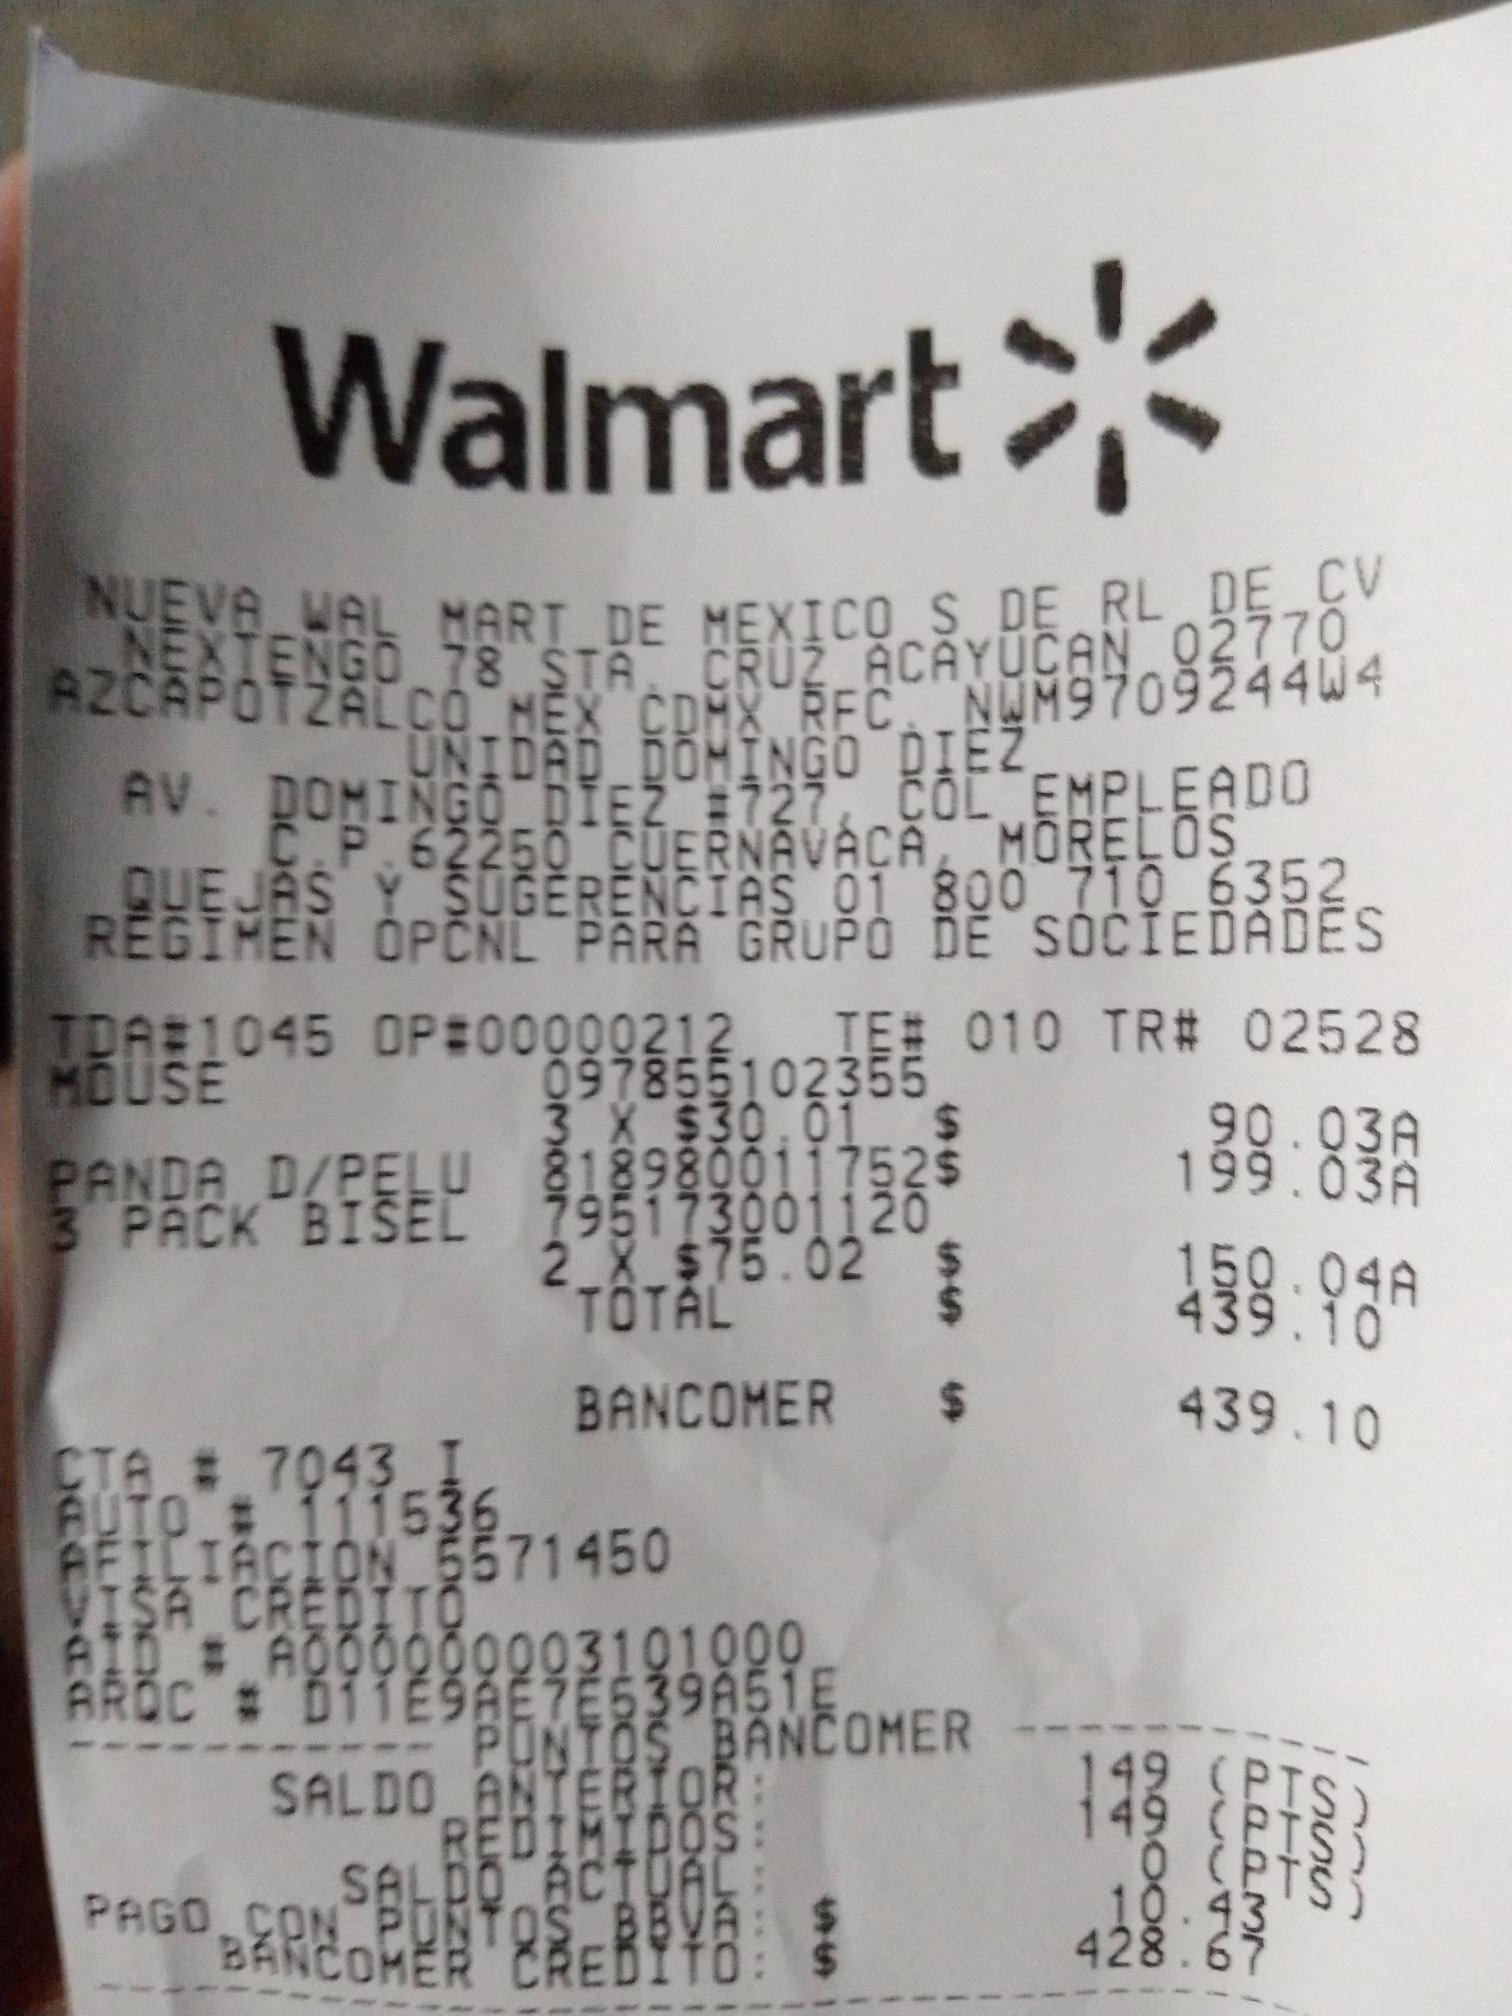 Walmart: Mouse en última liquidación 30.01 espejos y peluche